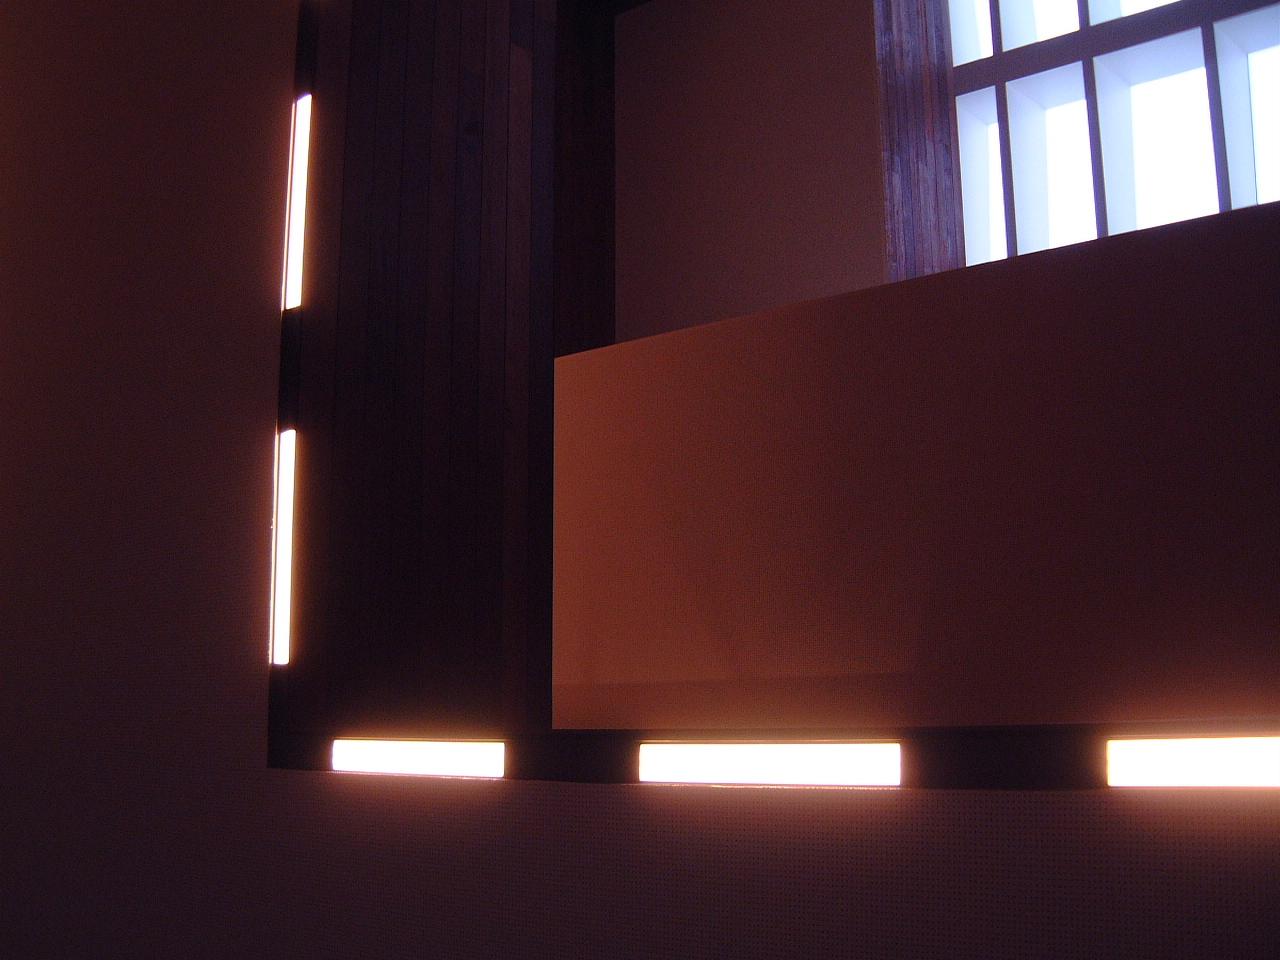 maartent lights tl tube light exposition